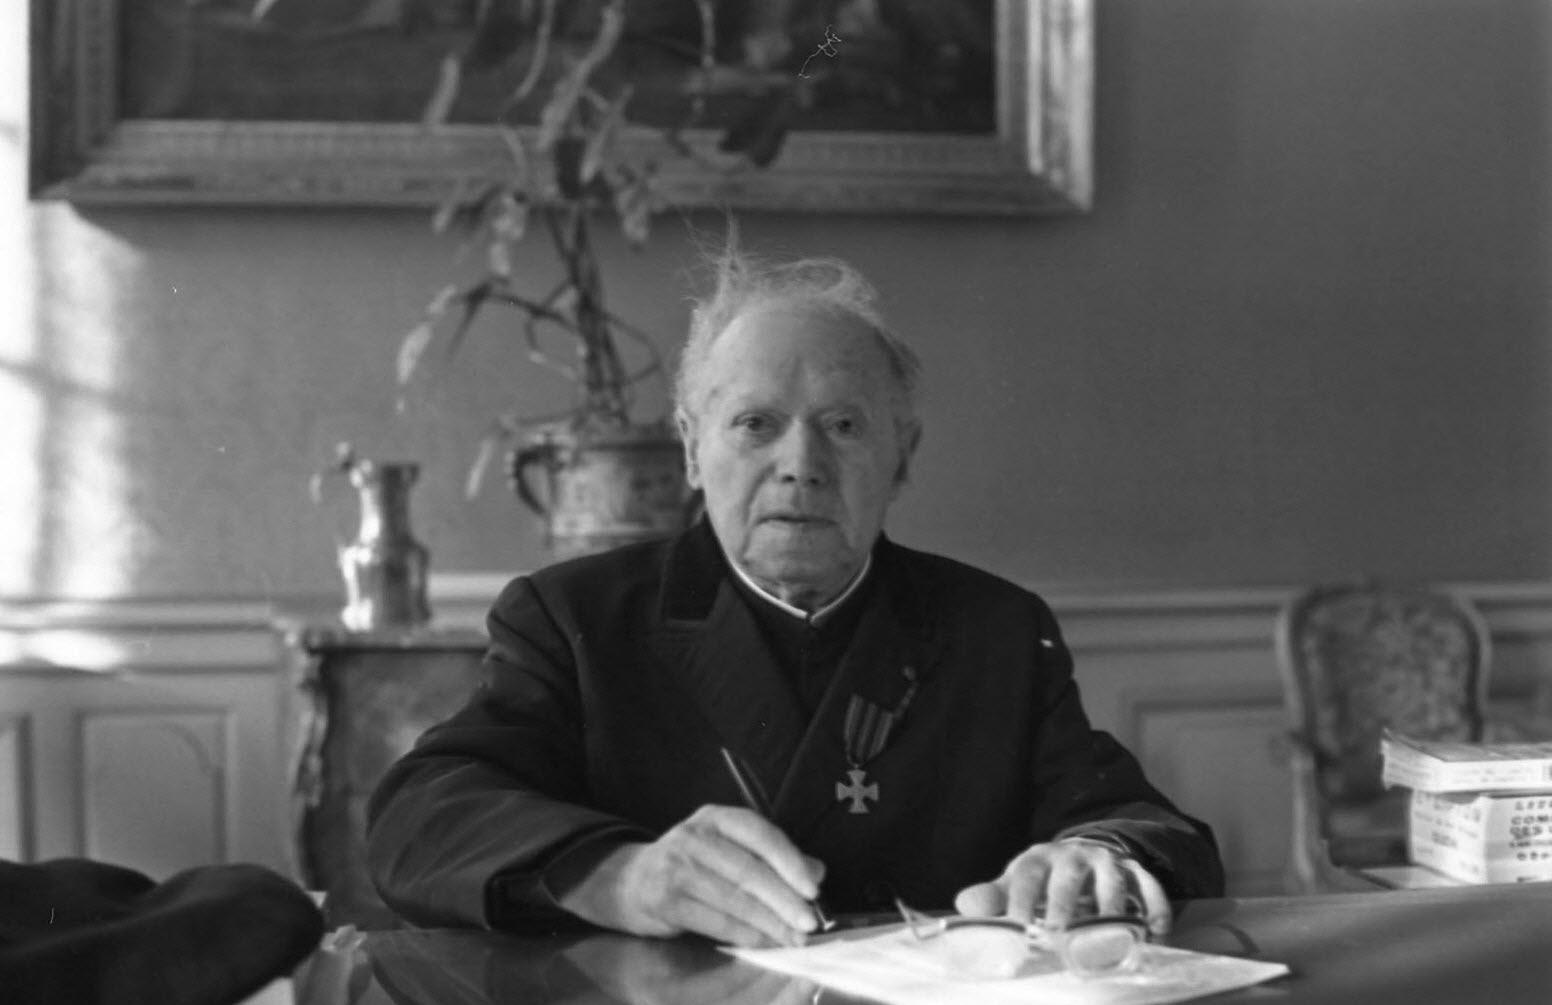 portrait-du-chanoine-felix-kir-maire-de-dijon-pour-ses-92-ans-en-1968-photo-archives-lbp-1520624364